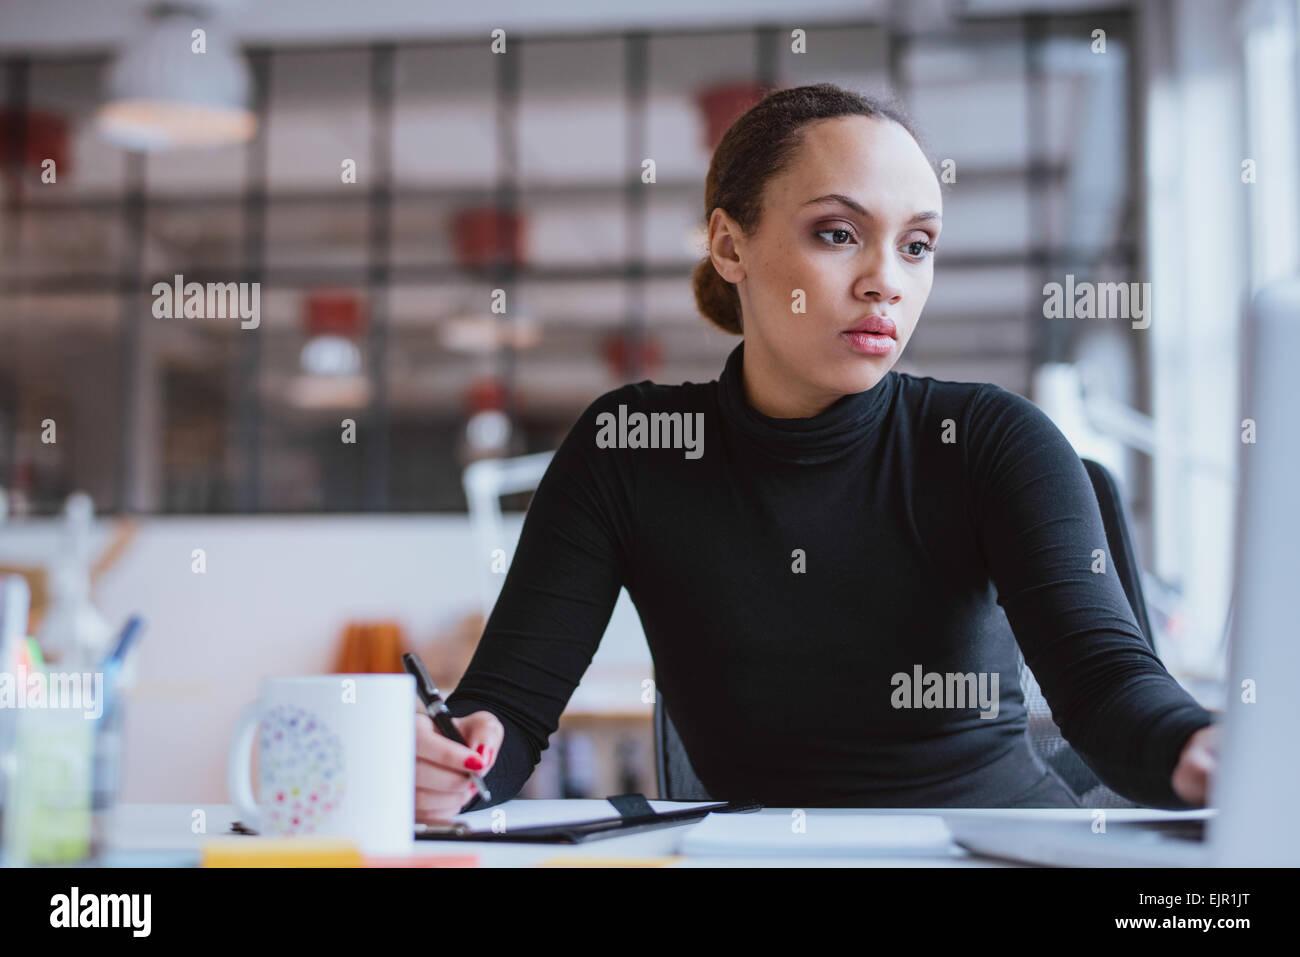 Immagine della giovane donna africana di lavoro business nuova assegnazione. Executive femmina seduto alla sua scrivania Immagini Stock